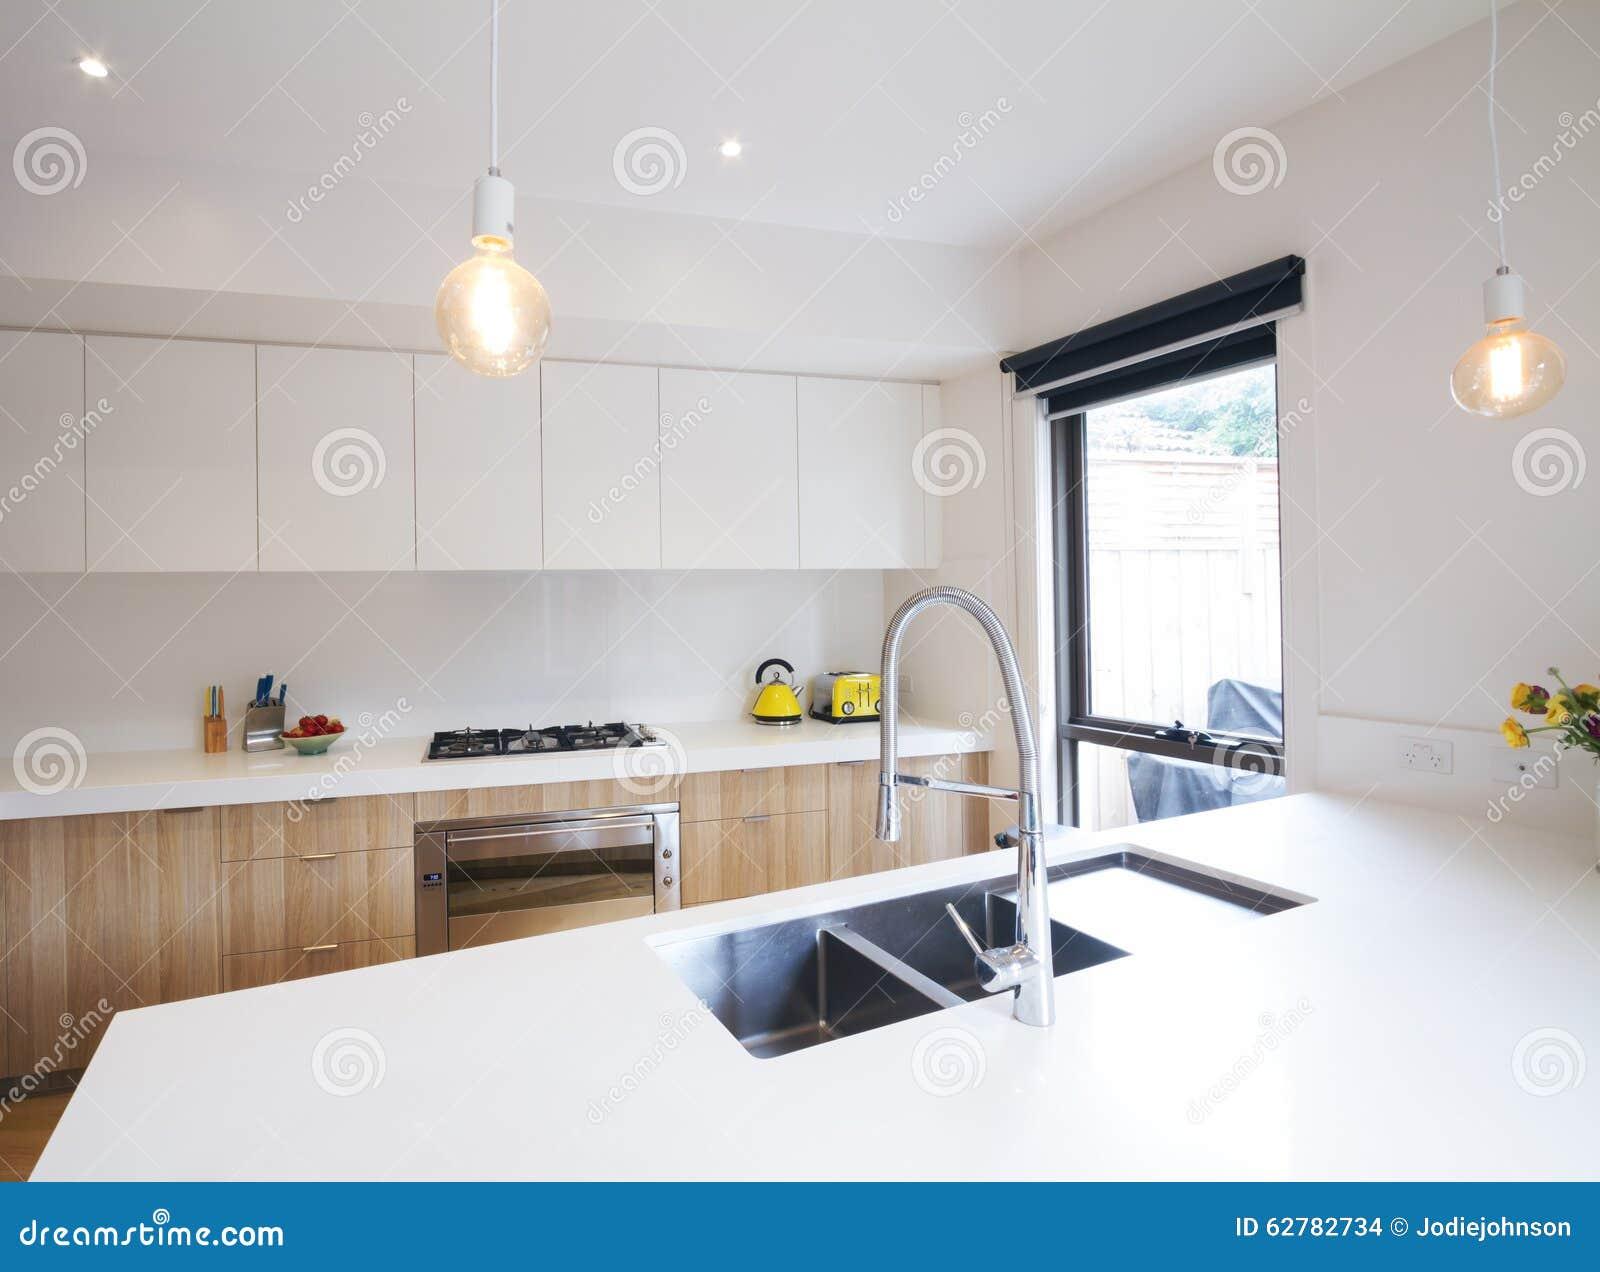 Cucina moderna con illuminazione del pendente ed il lavandino